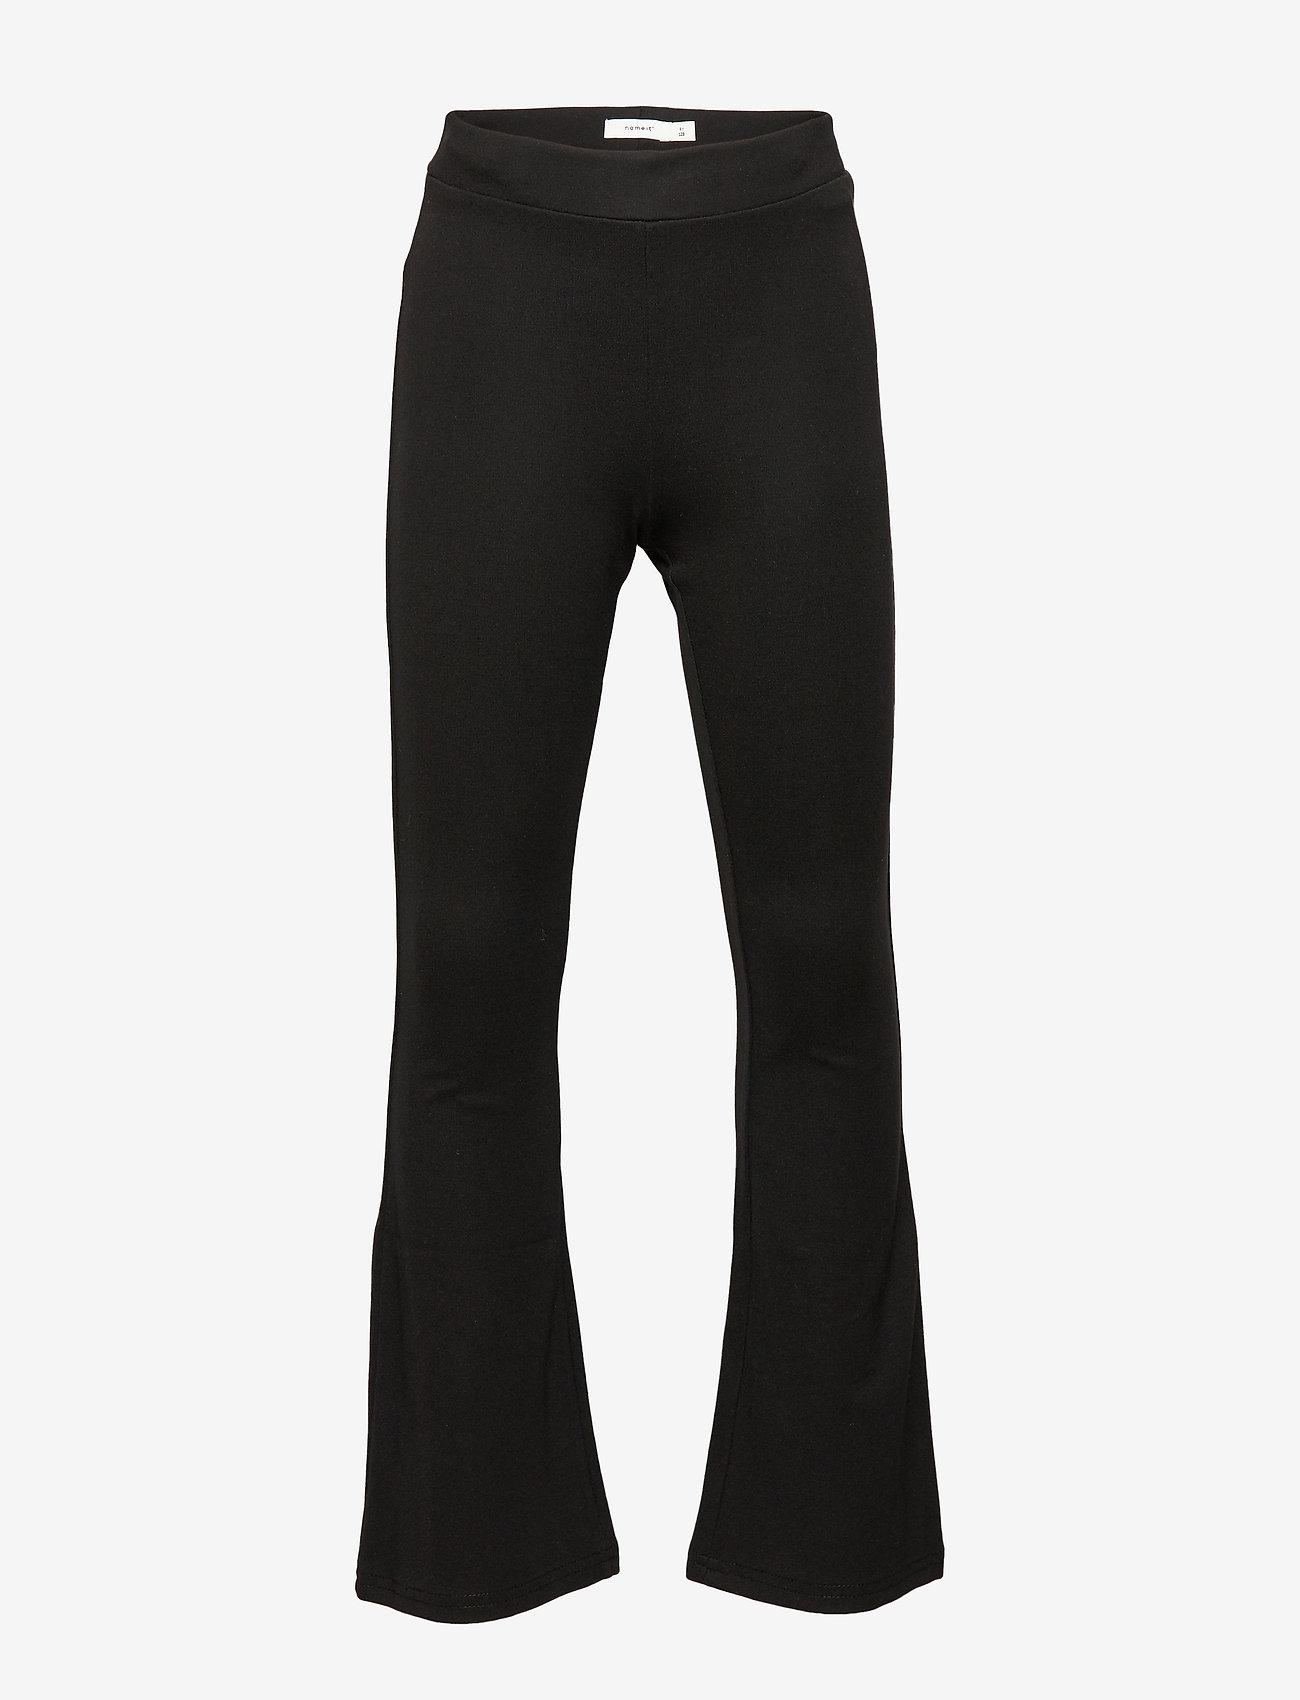 name it - NKFFRIKKALI BOOTCUT PANT NOOS - spodnie - black